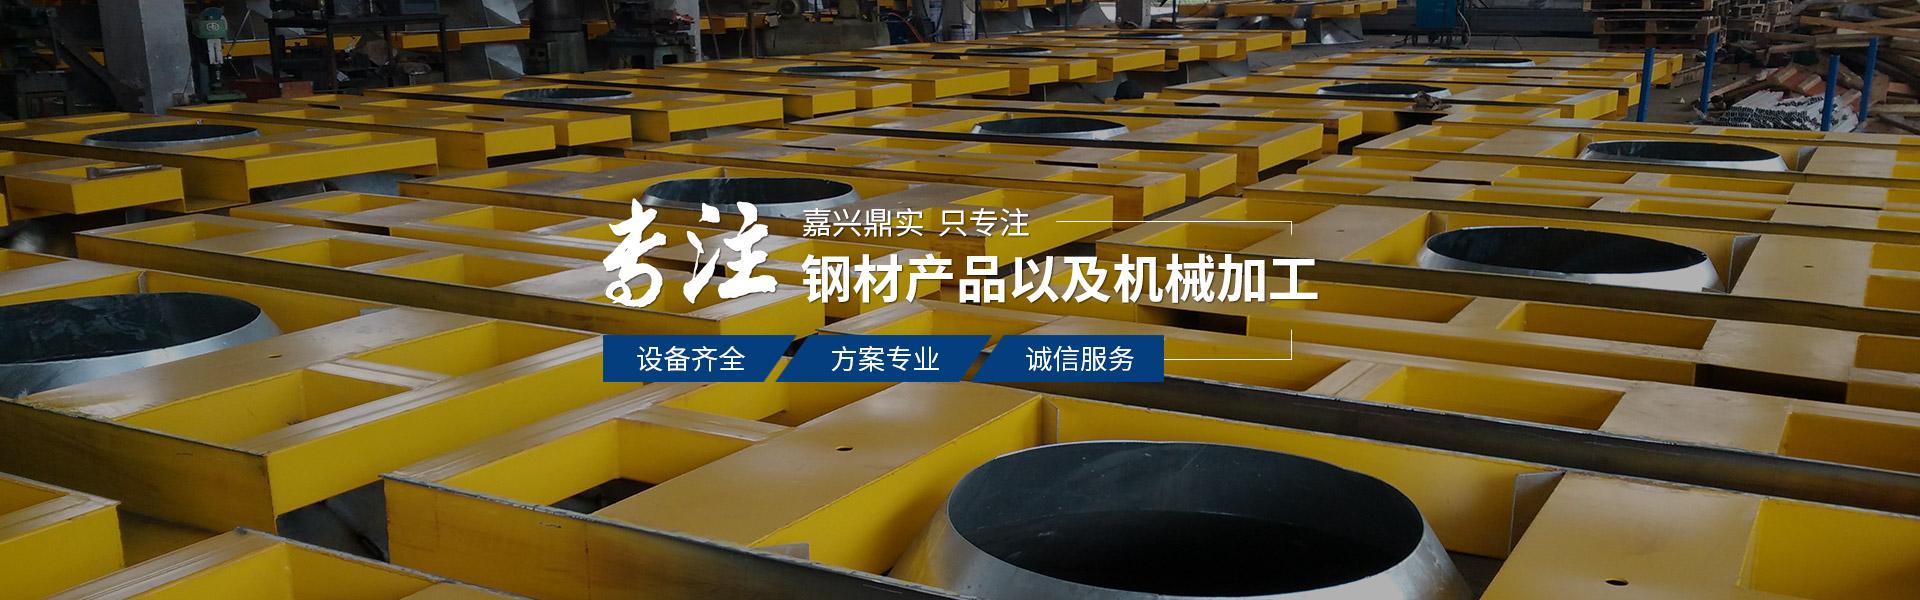 嘉兴鼎实机械制造股份有限公司